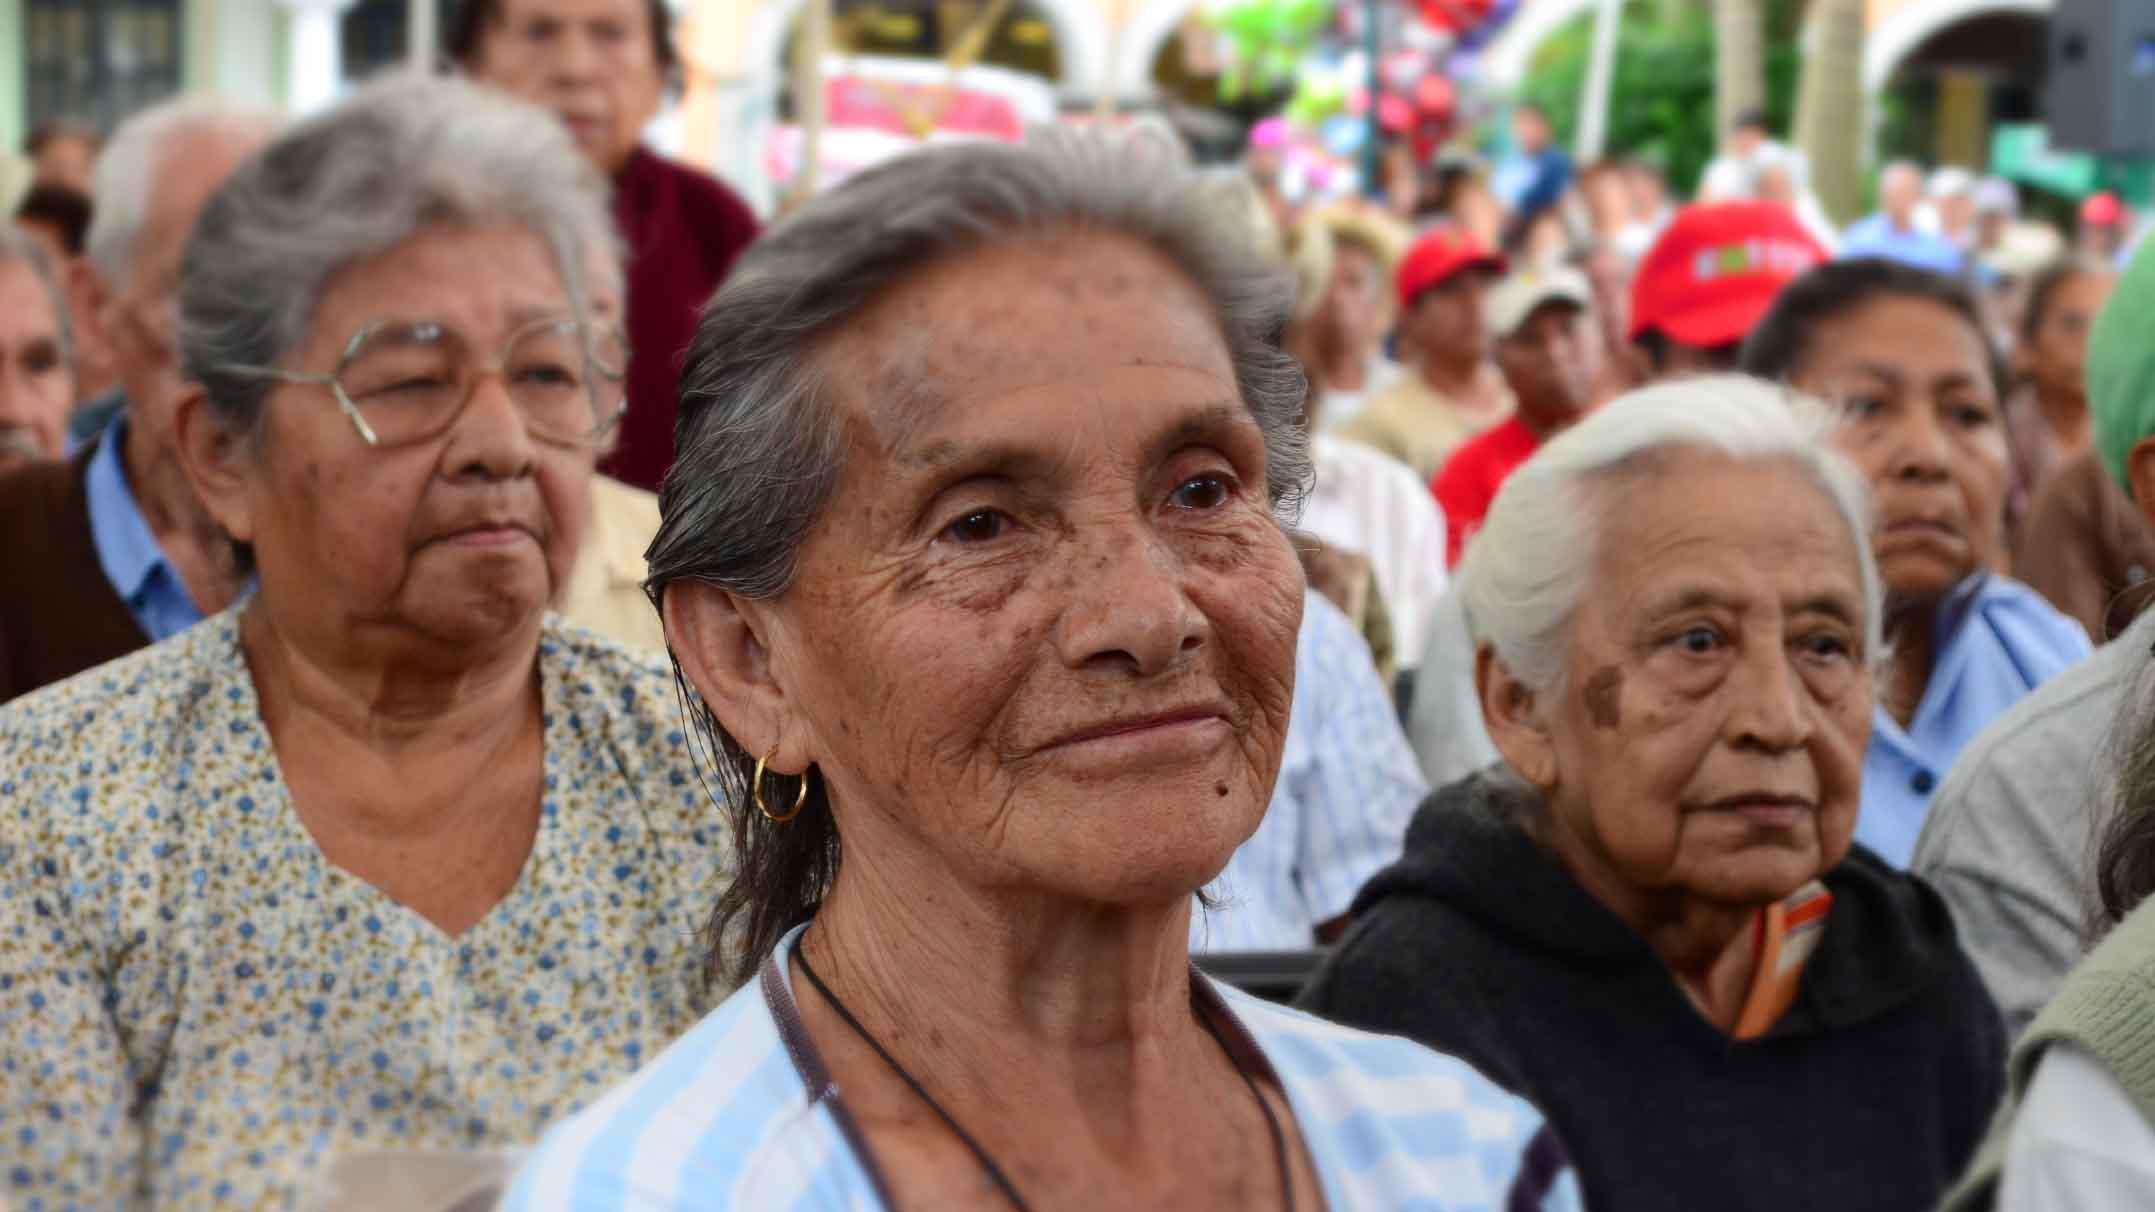 Doble llave - Gobierno garantizará pensión para todos los adultos mayores